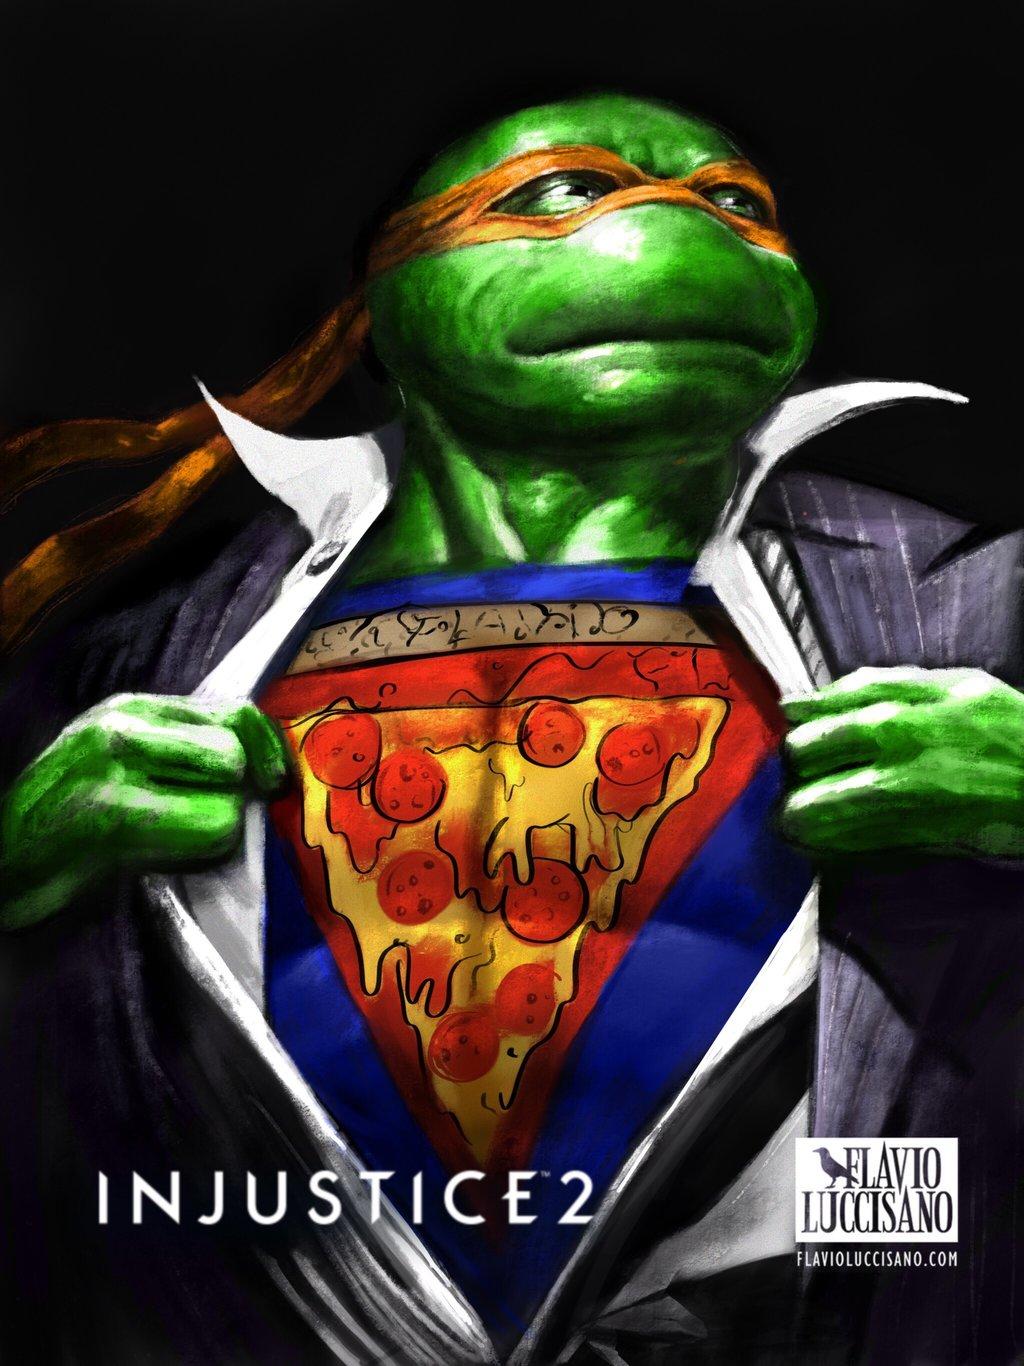 michelangelo__injustice_2__by_flavioluccisano-dc2gg8e